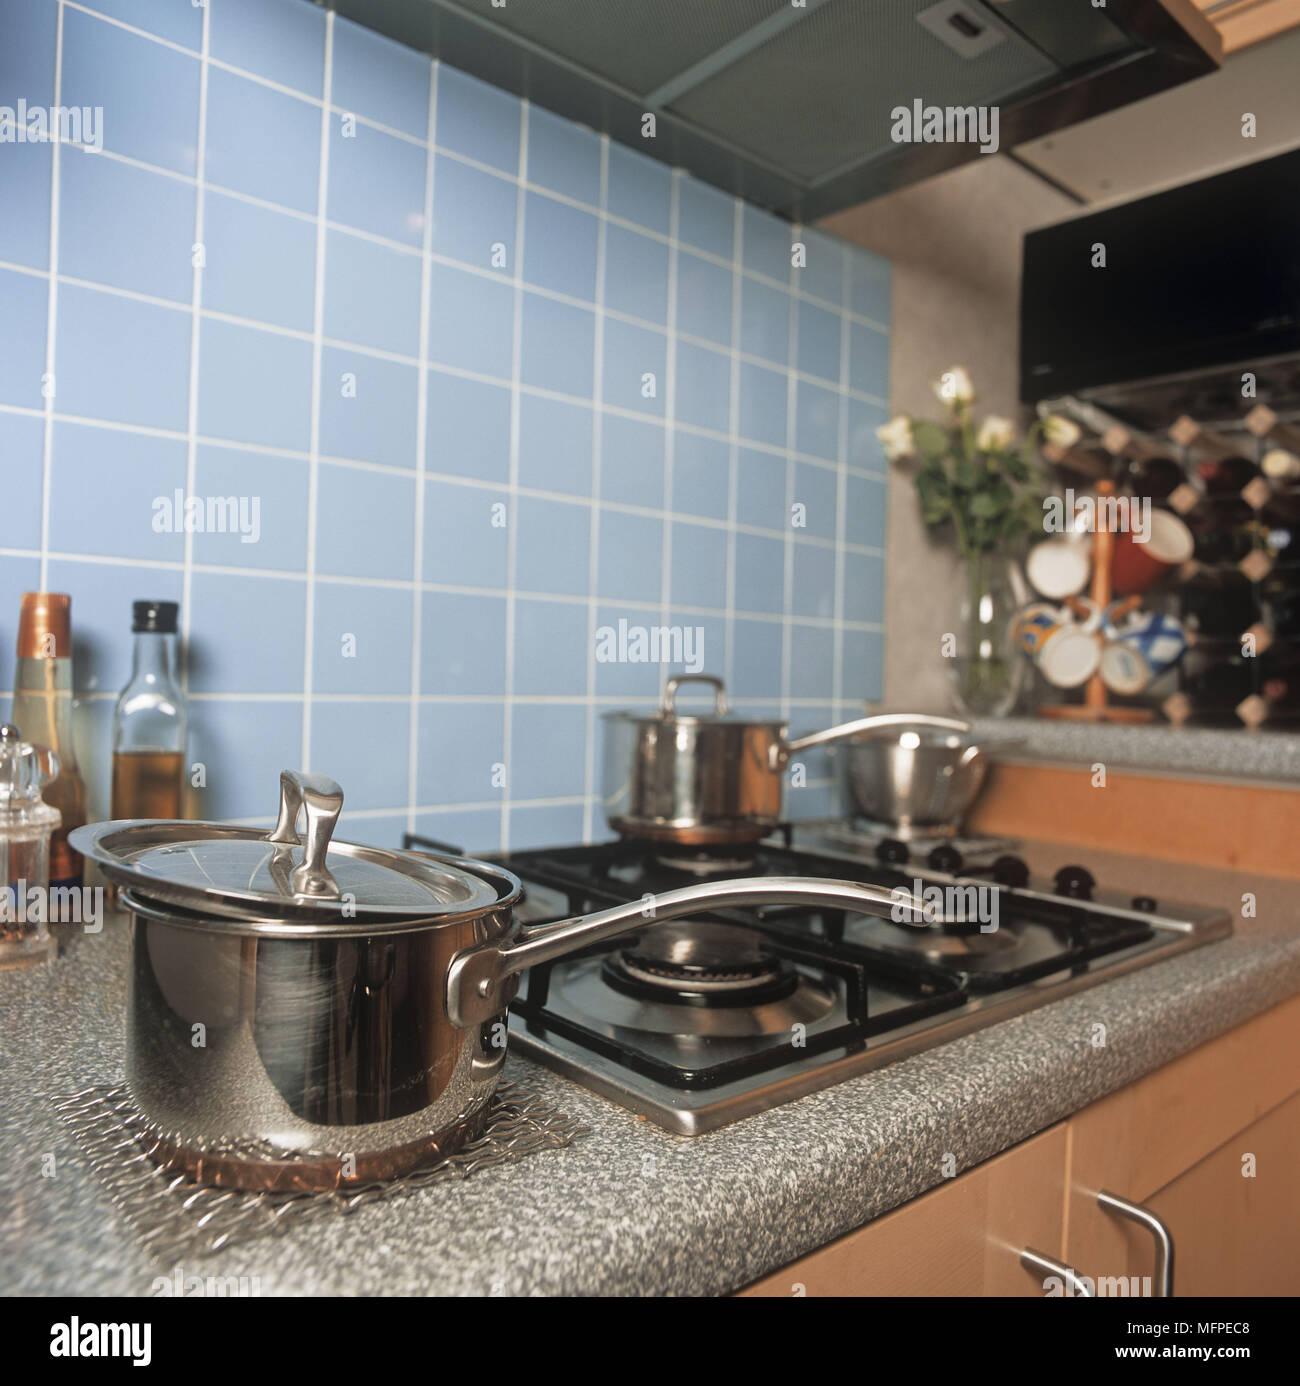 Beste Faber Küche Kochherd Fotos - Ideen Für Die Küche Dekoration ...